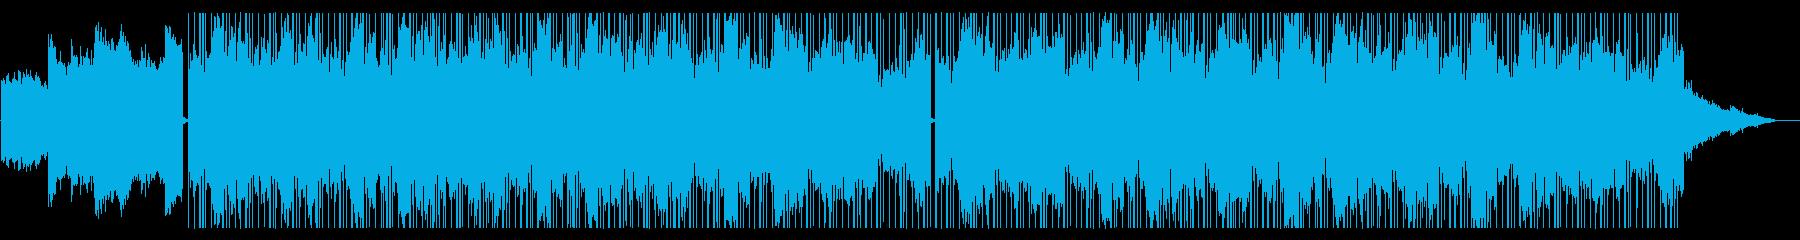 幻想、落ち着くチル・ヒップホップの再生済みの波形